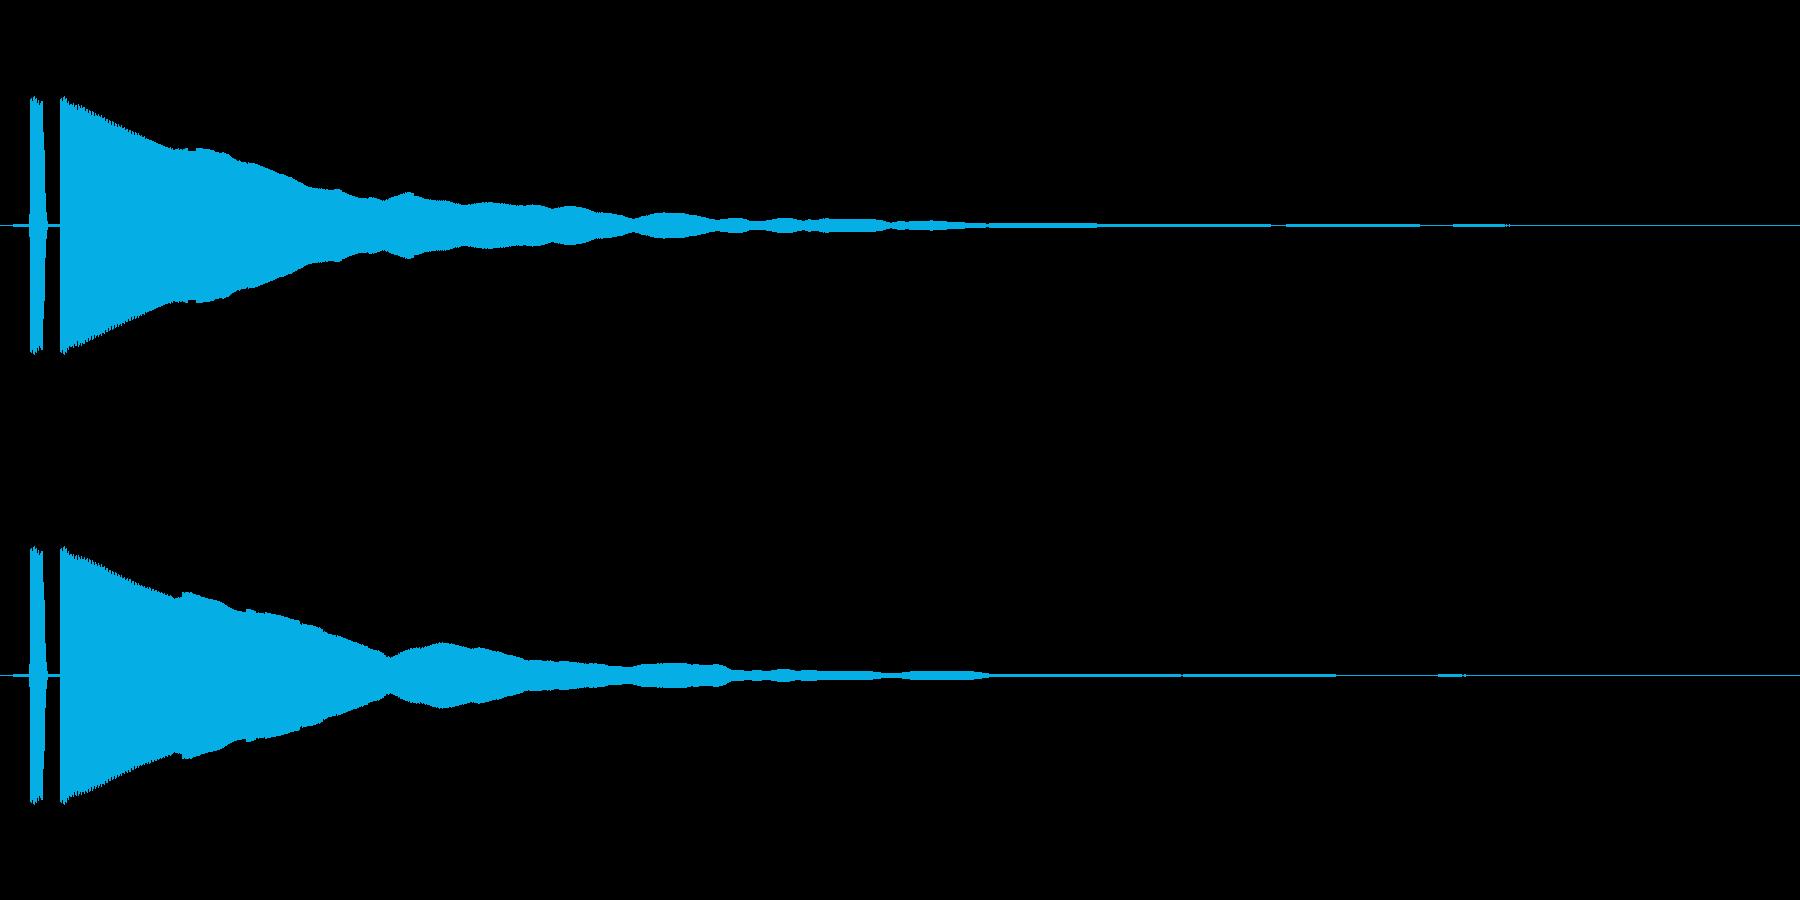 ピーン_決定系の電子音の再生済みの波形